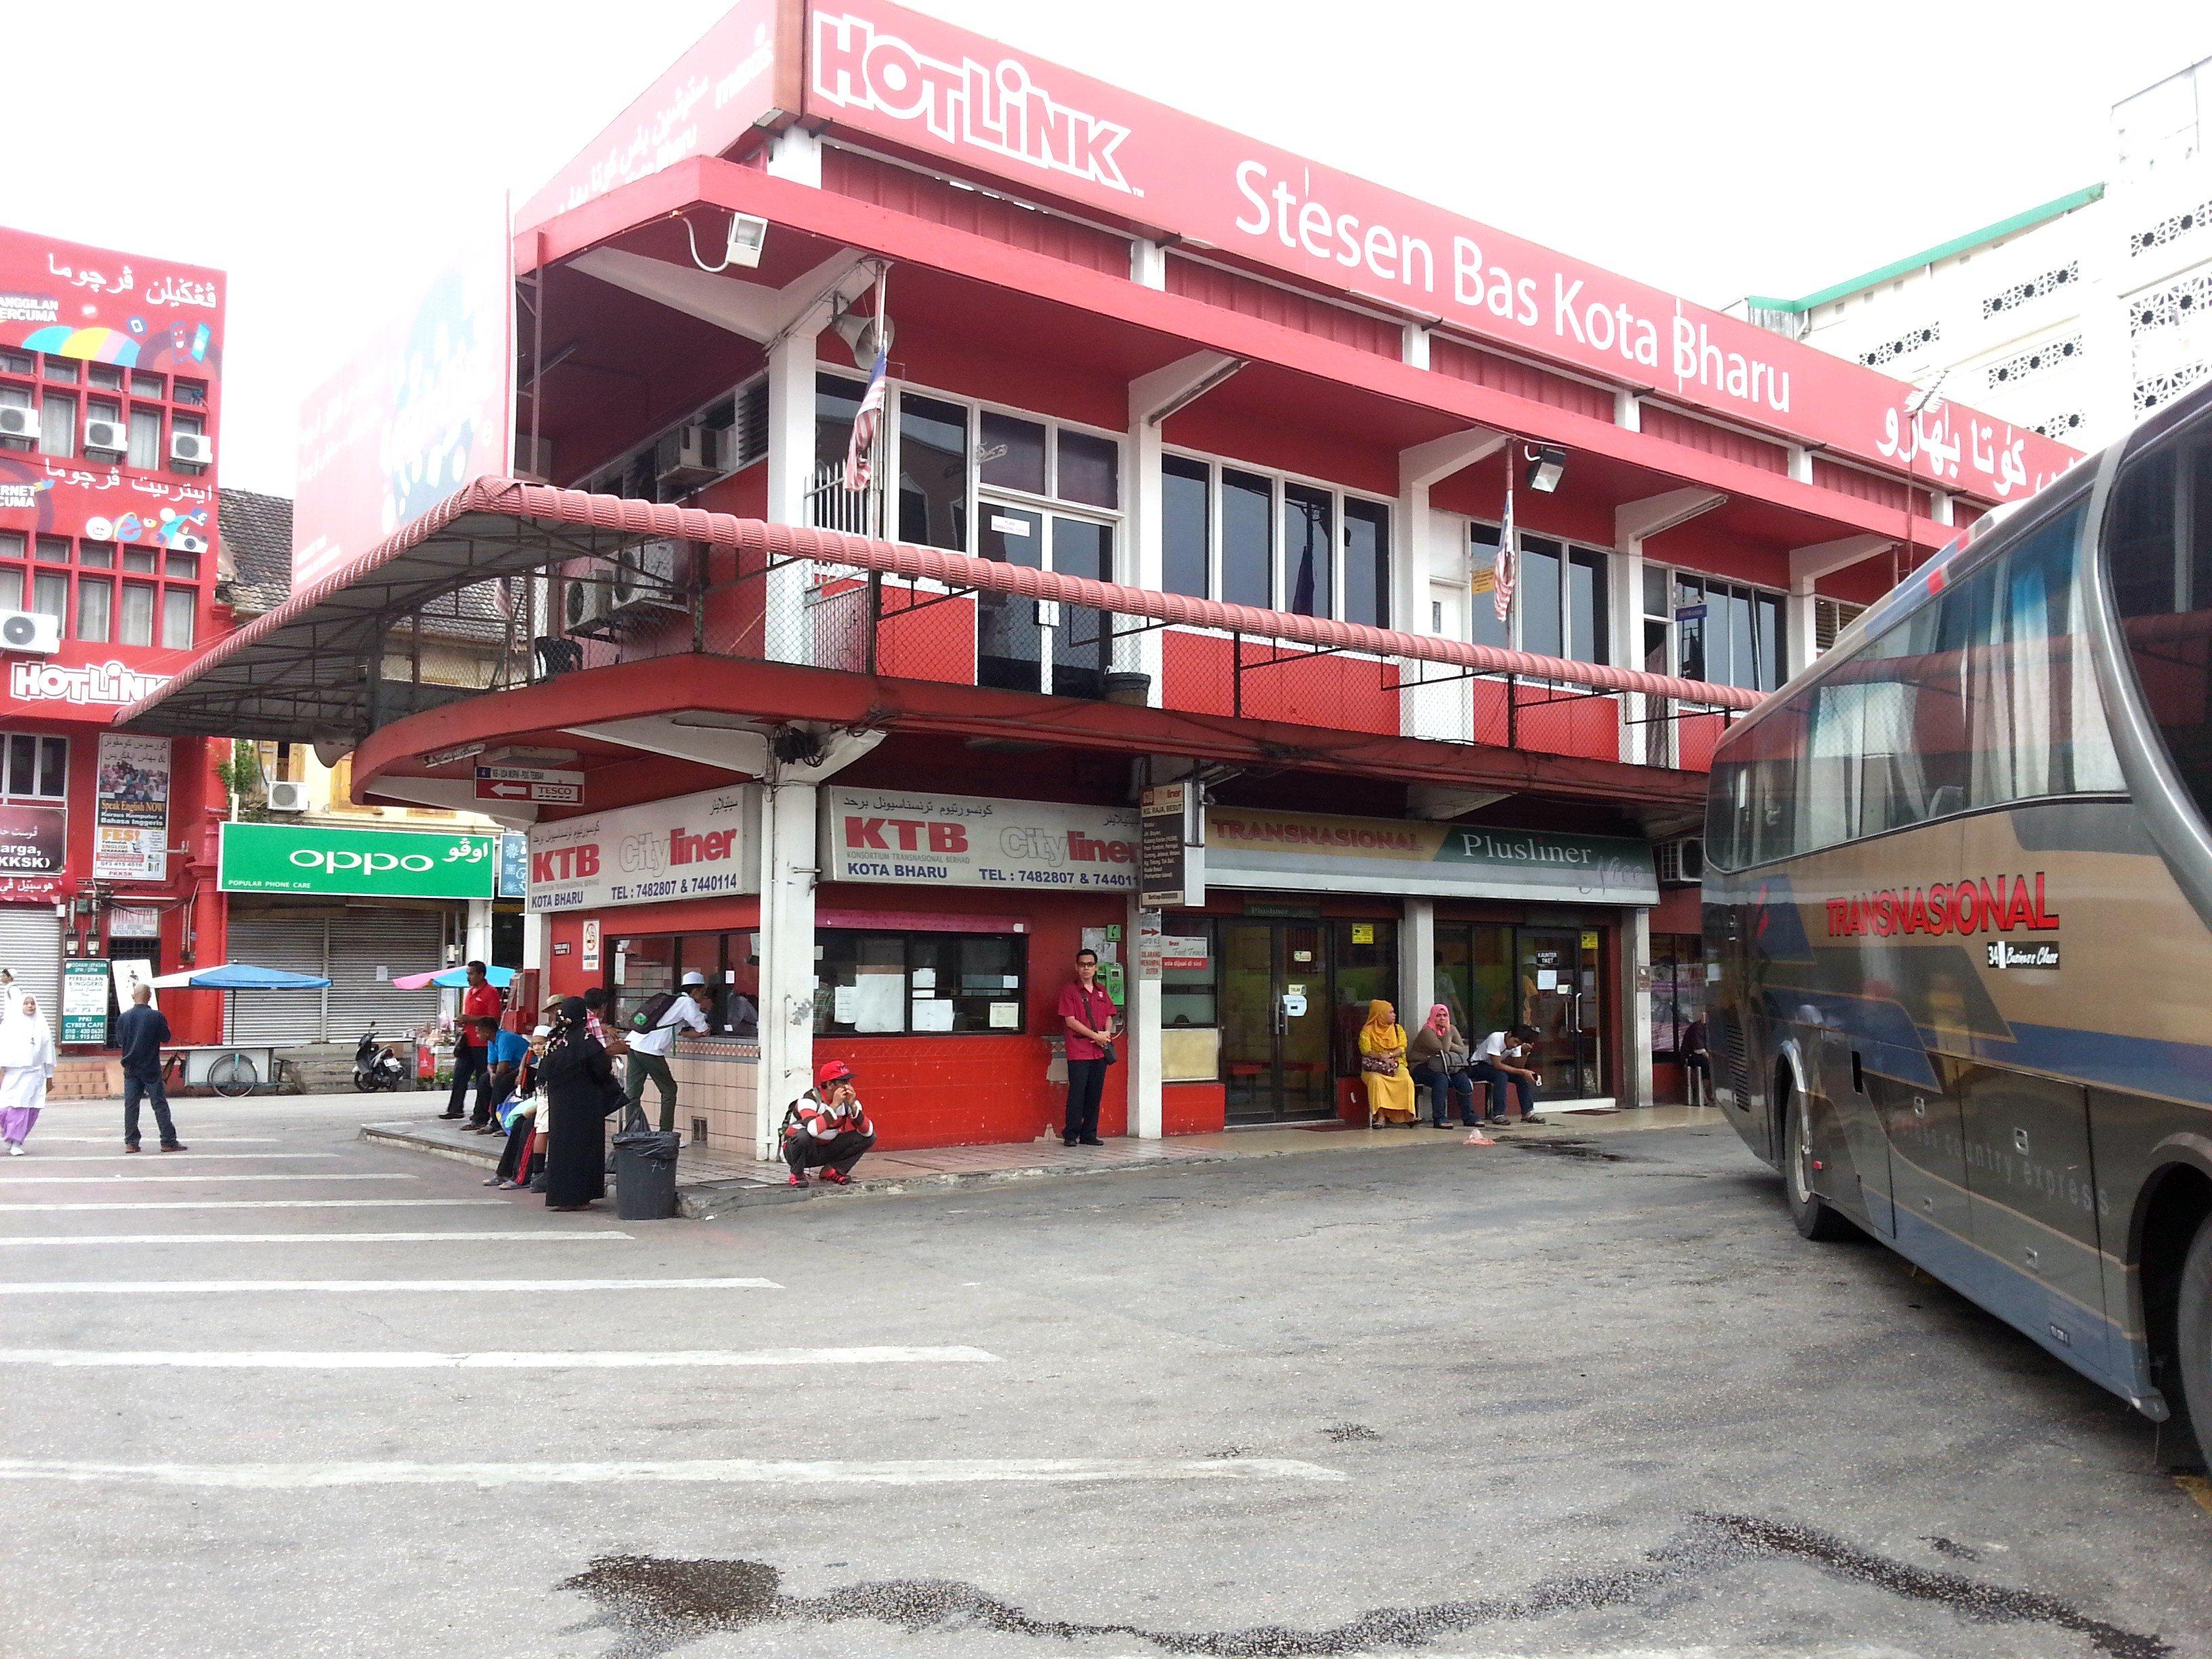 Stesen Bas Kota Bharu